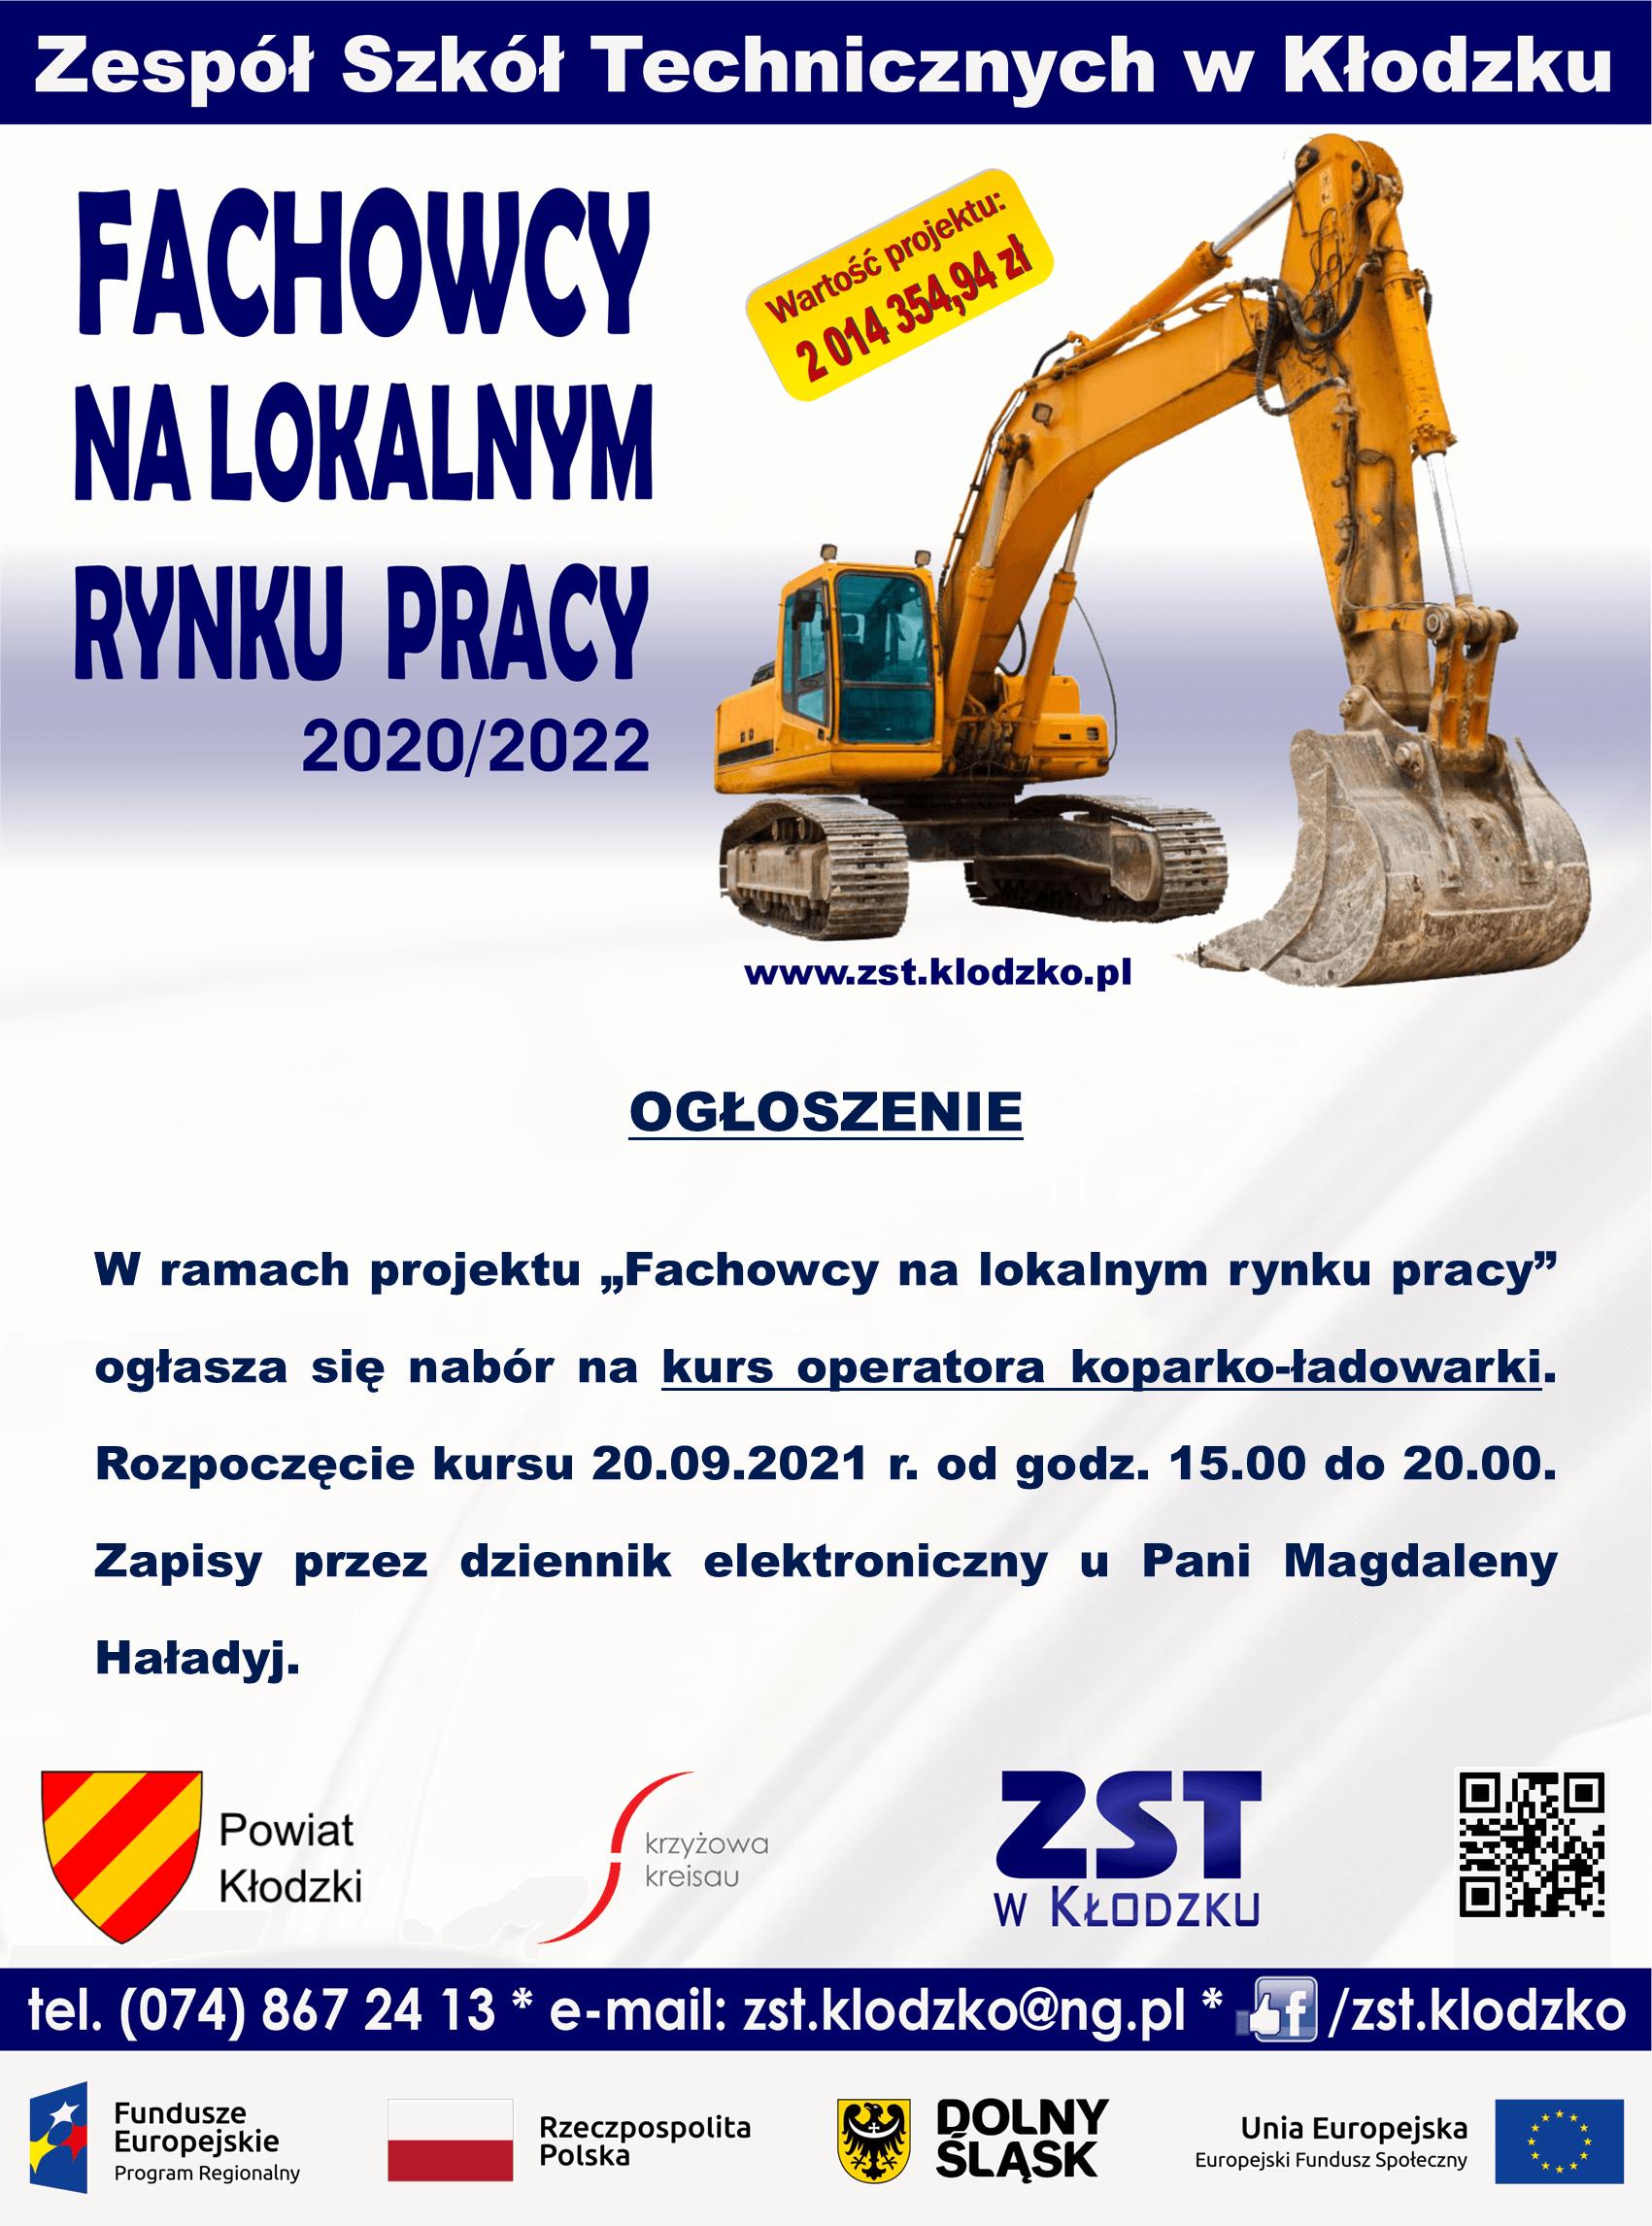 """Kurs operatora wkoparko-ładowarki w ramach projektu """"Fachowcy na lokalnym rynku pracy"""""""